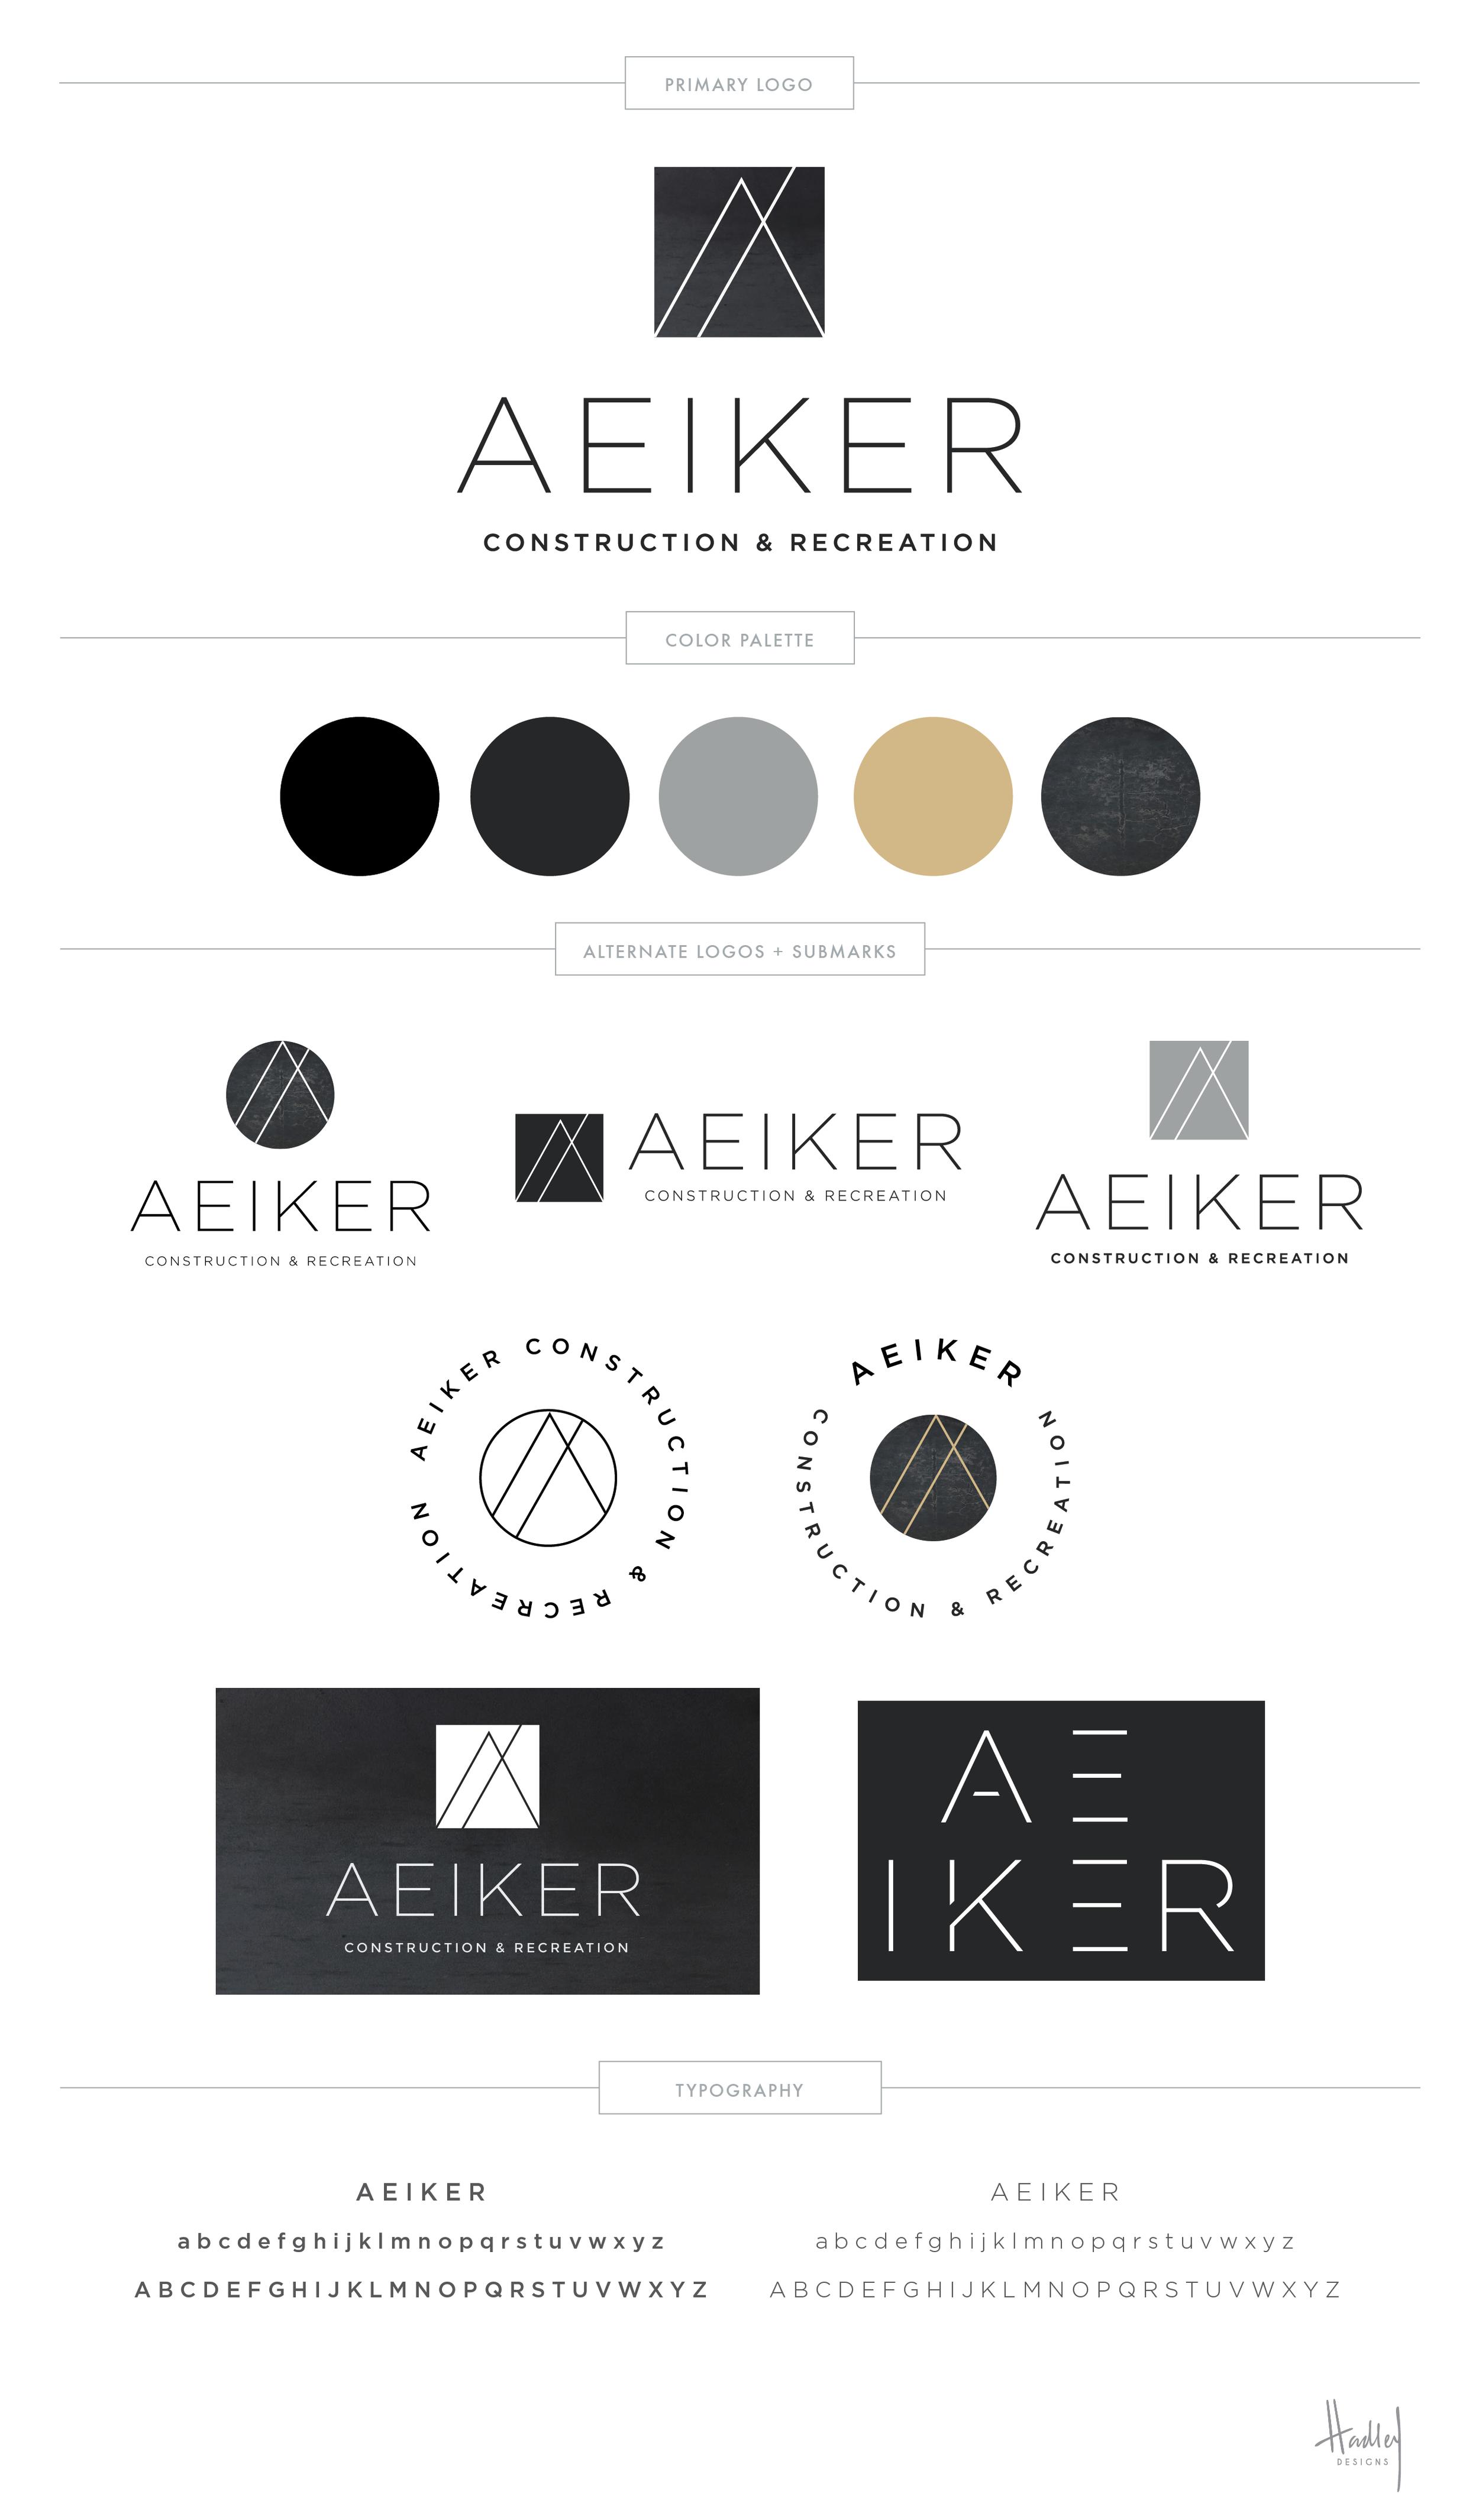 AEIKER_Branding_Generic.png